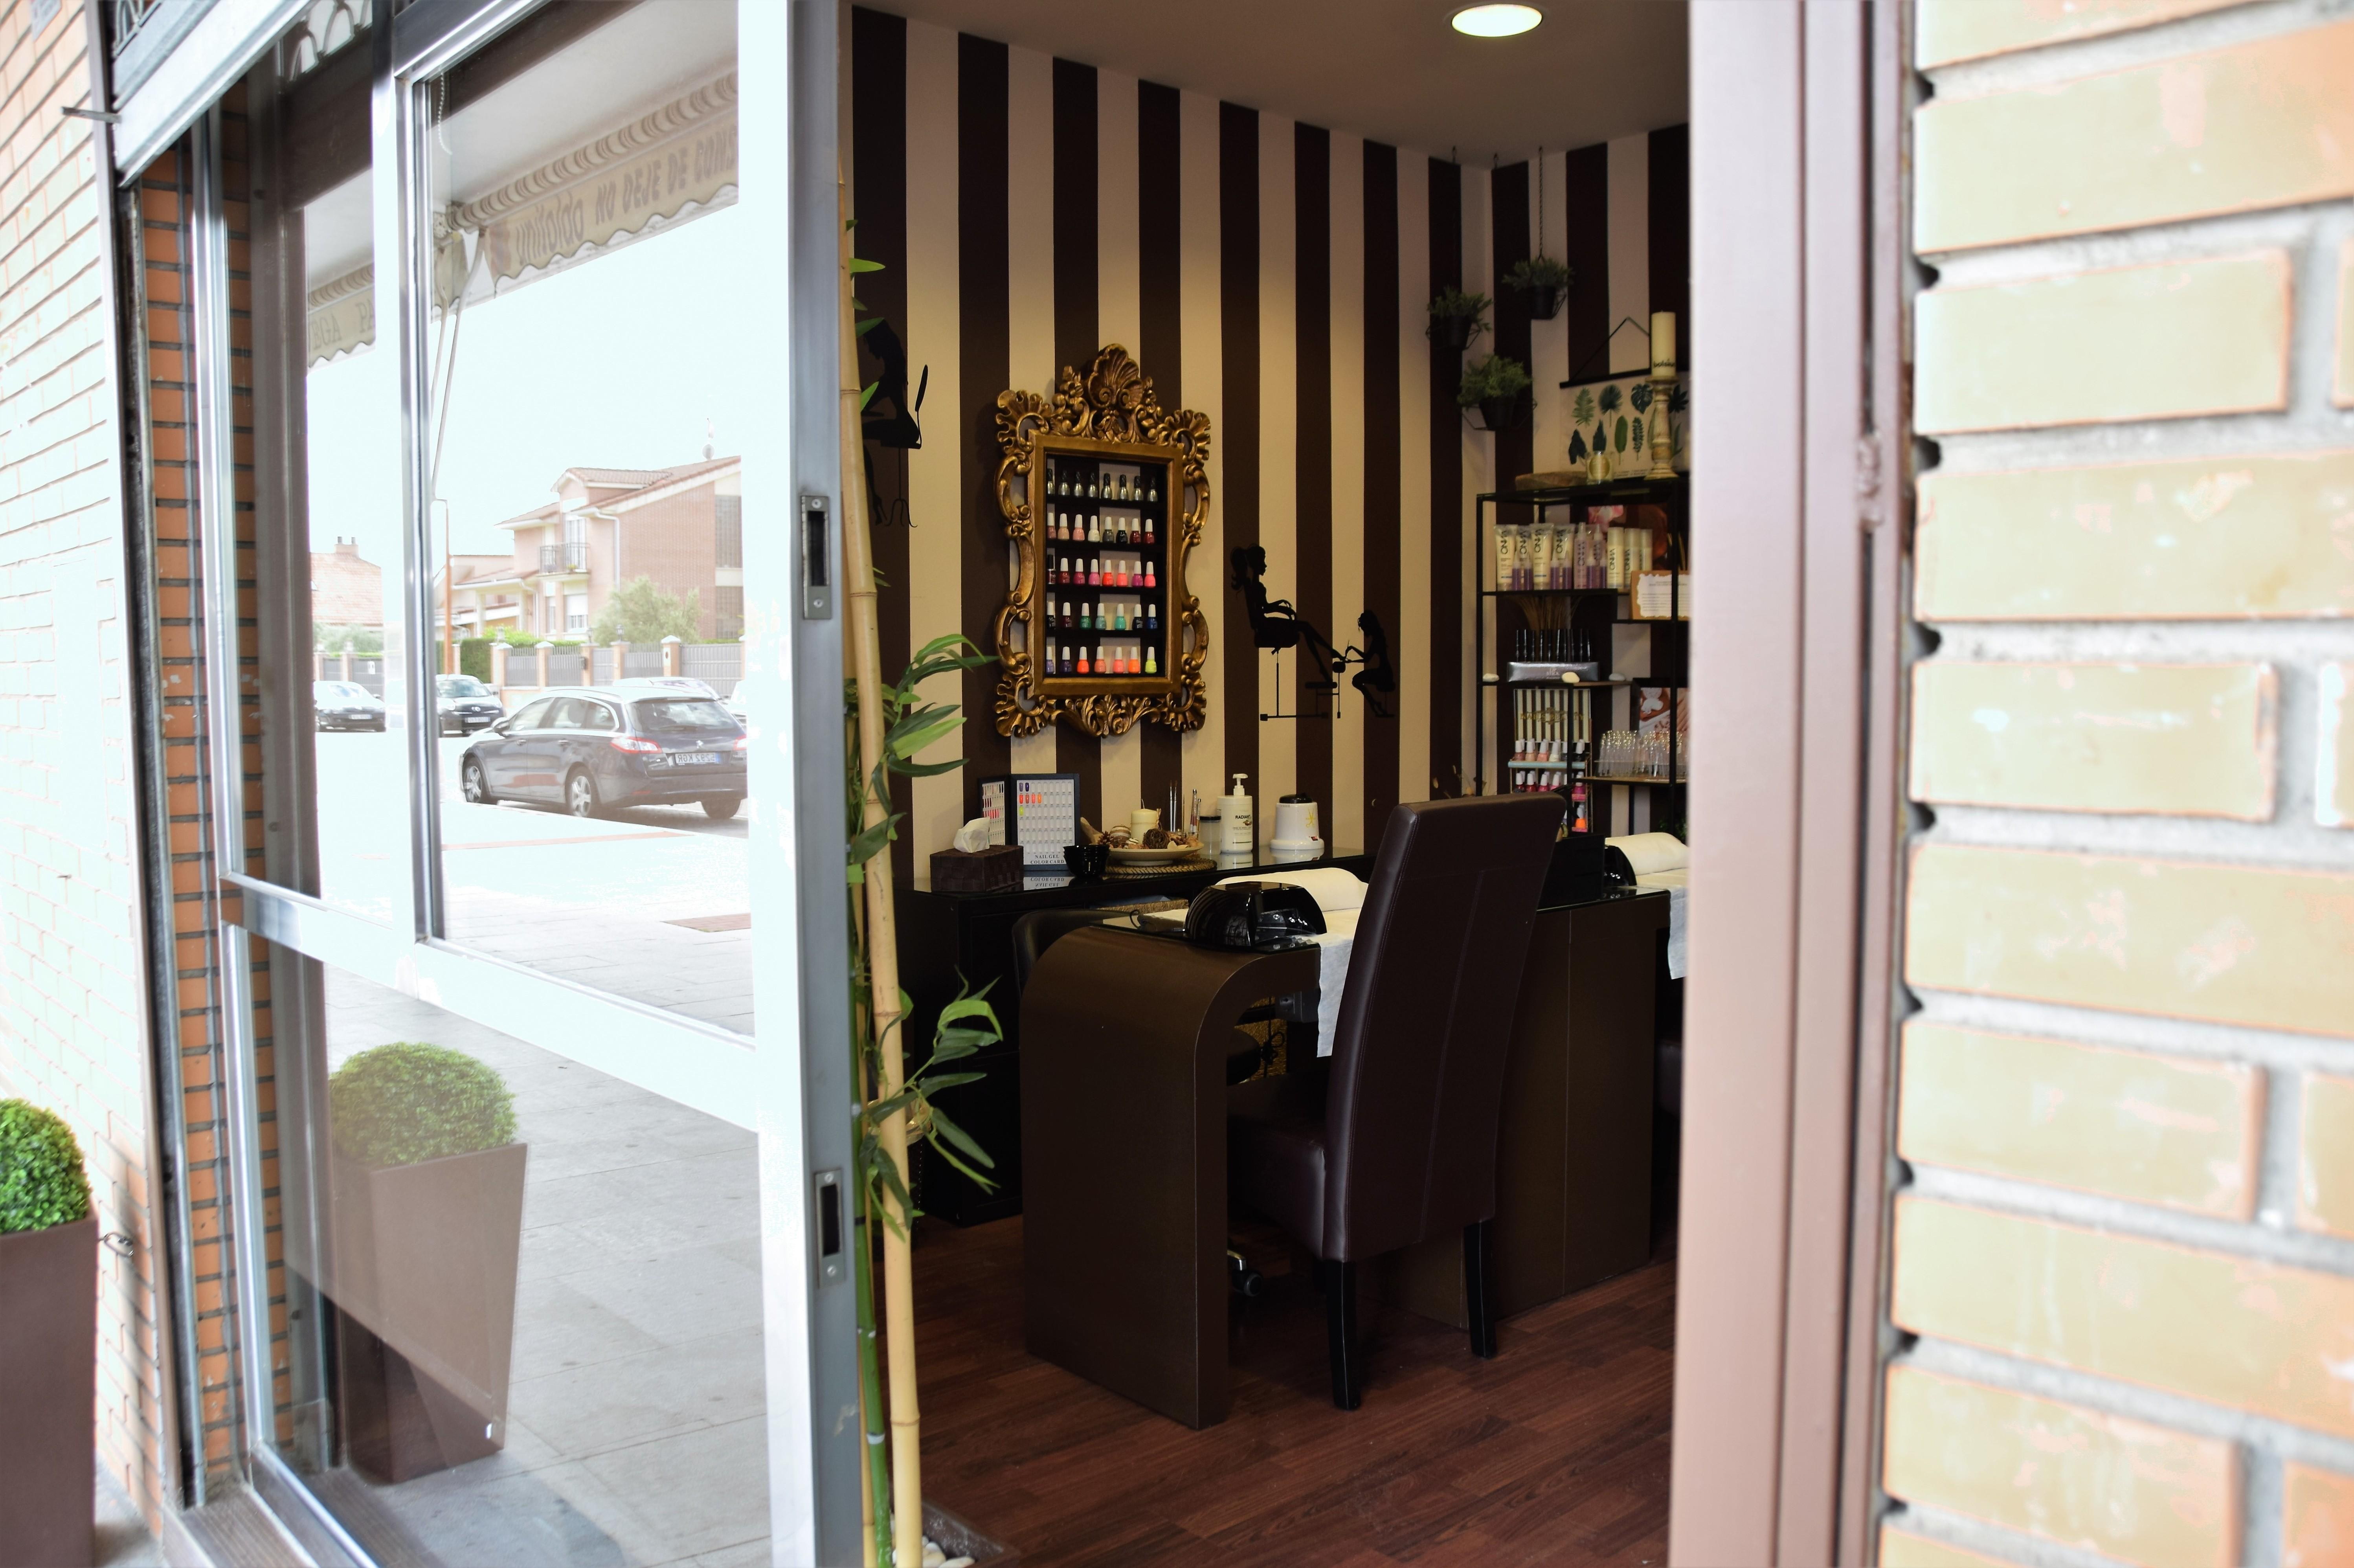 Centro de manicura y pedicura en Arroyo de la Encomienda